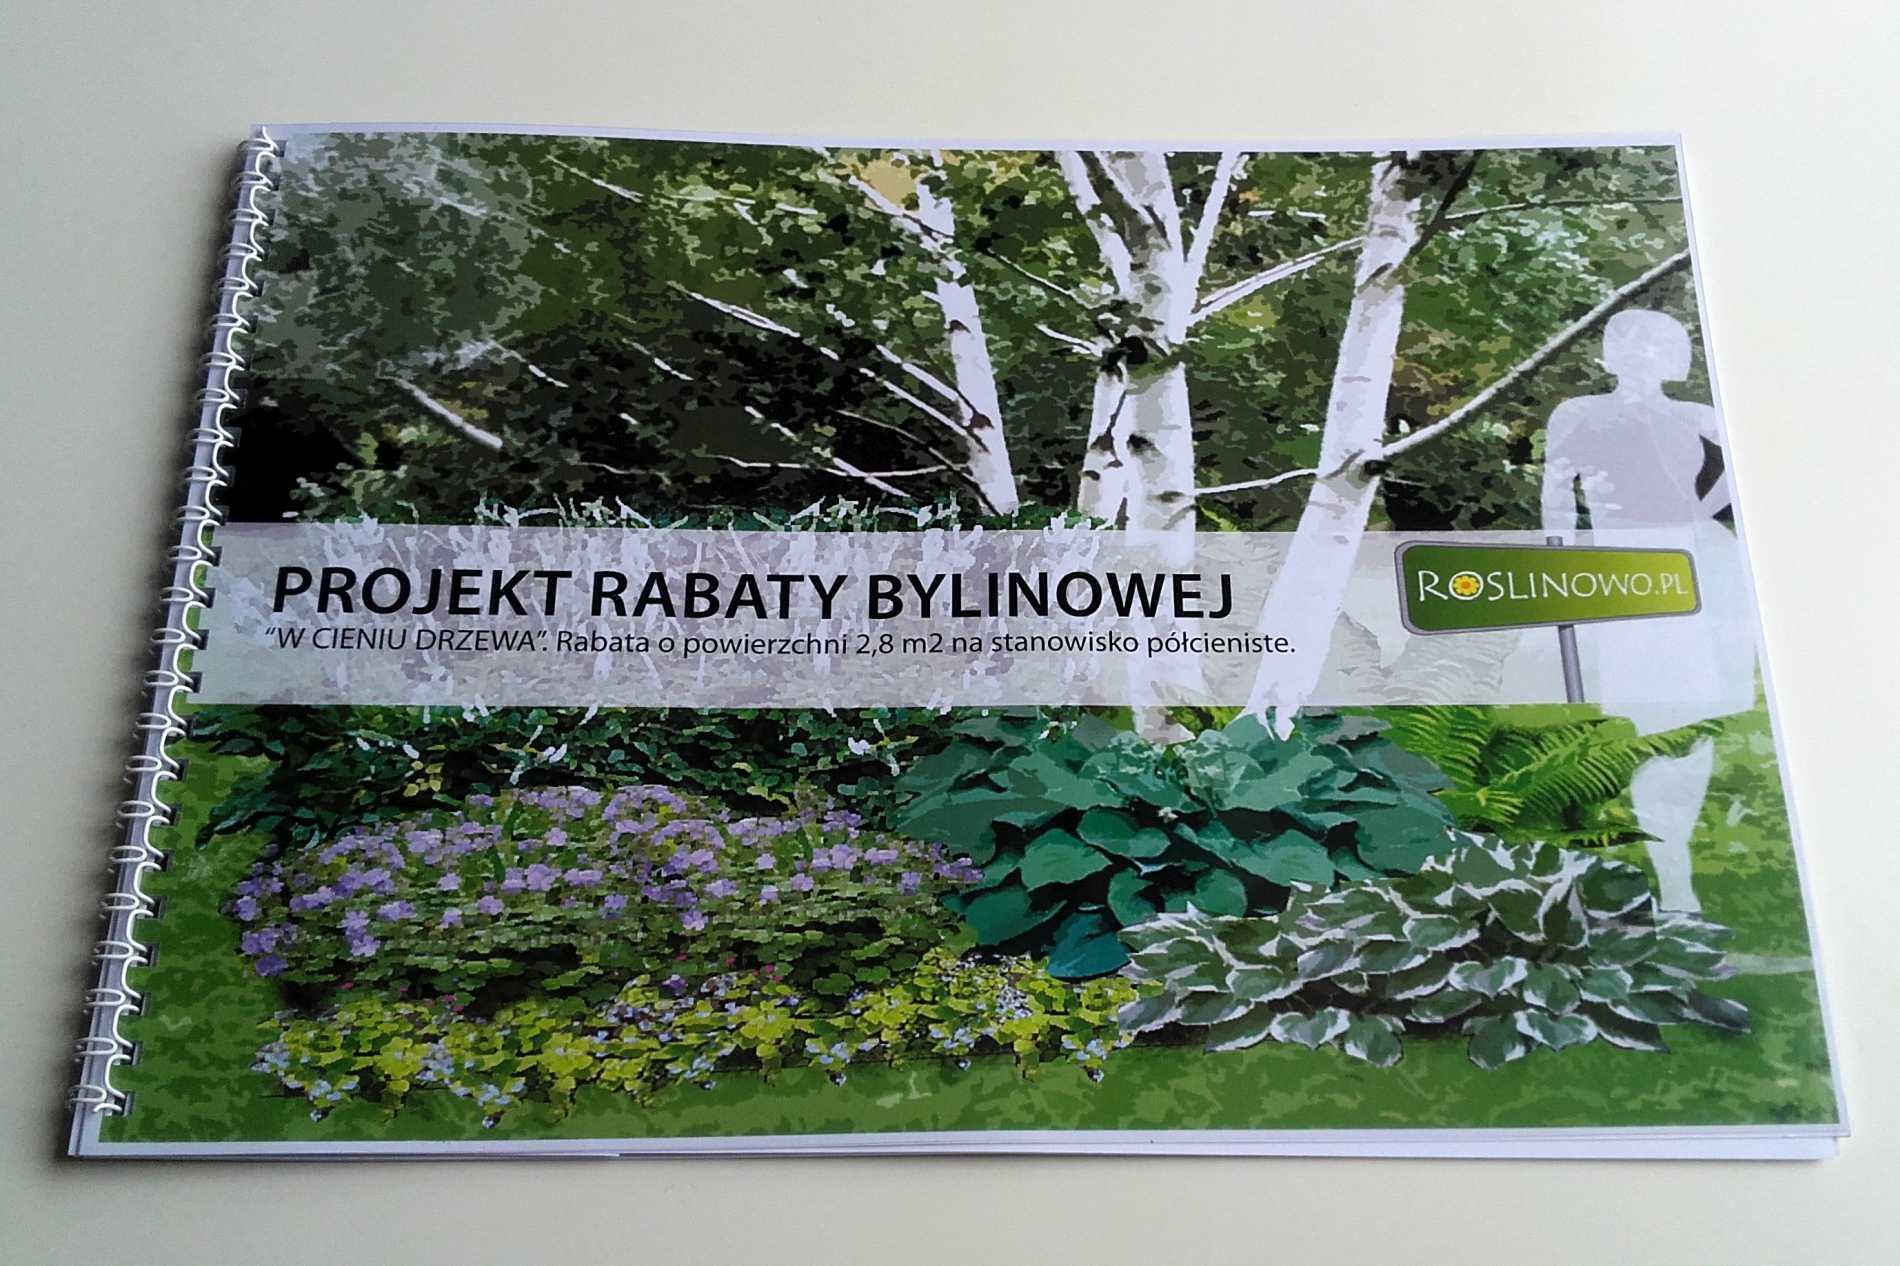 Okładka projektu rabaty bylinowej w cieniu drzewa.